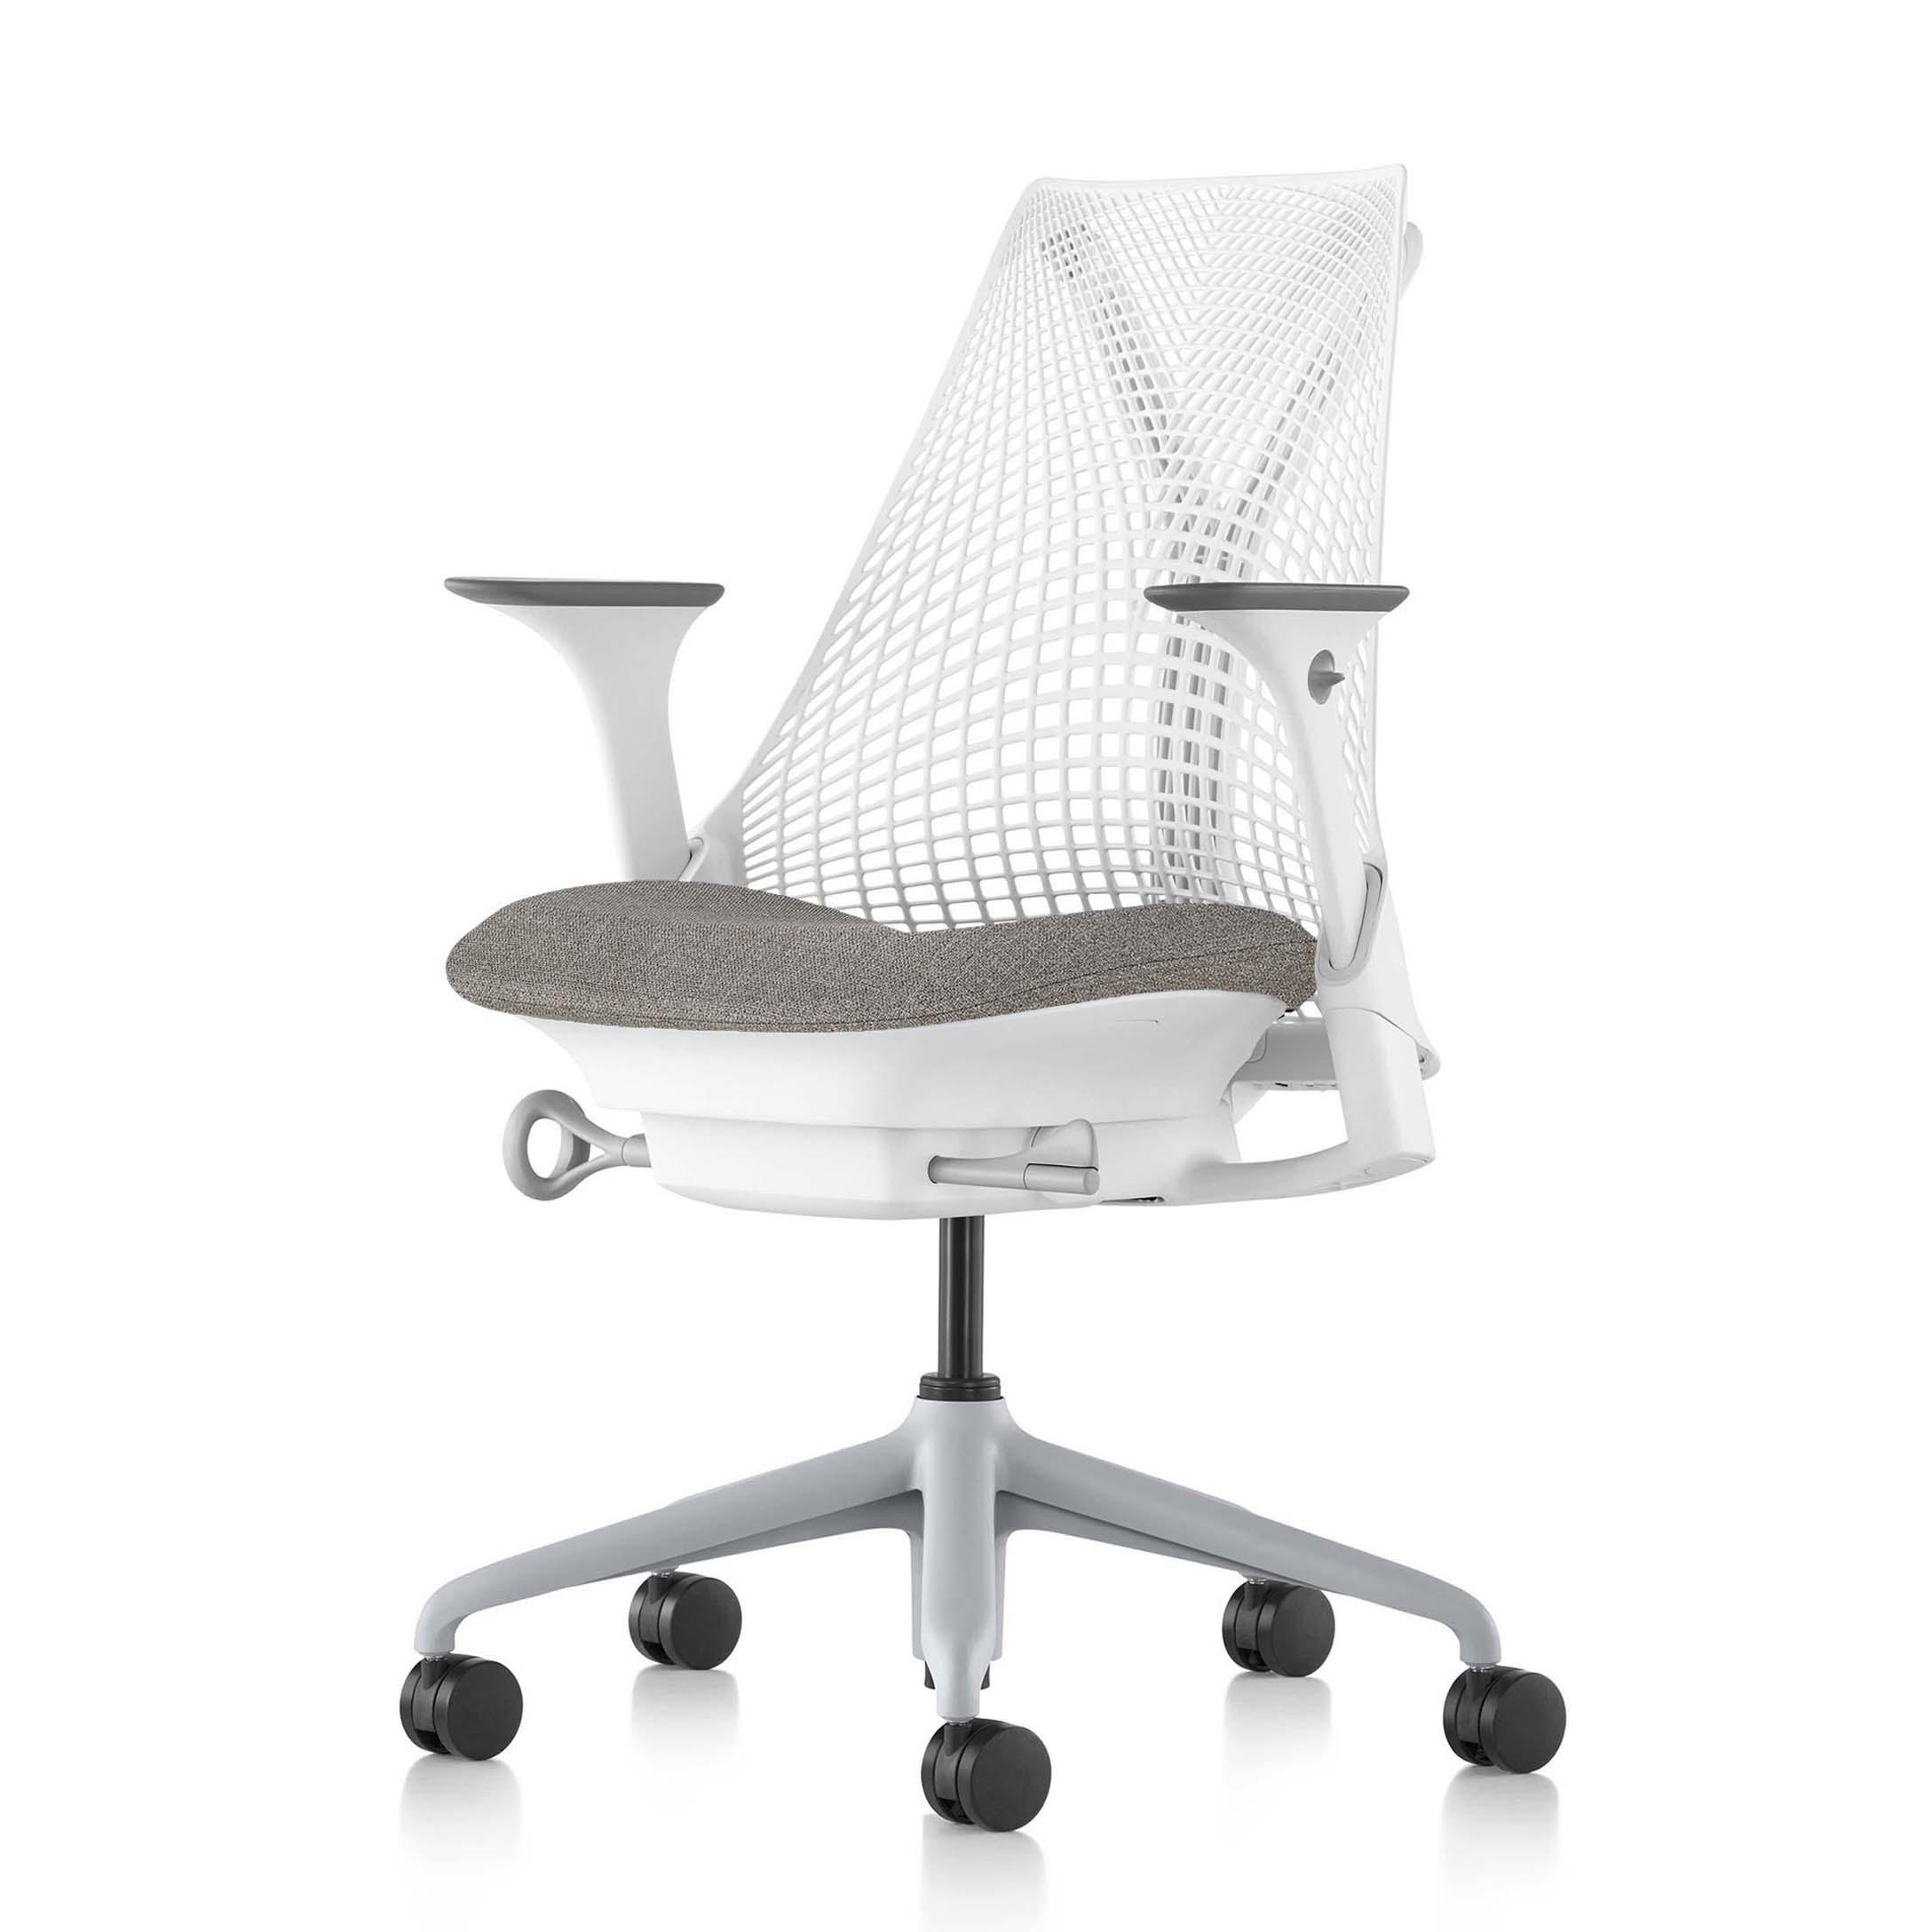 【ハーマンミラー正規販売店】セイルチェア Sayl Chair 別注仕様 ホワイト&フェザーグレー